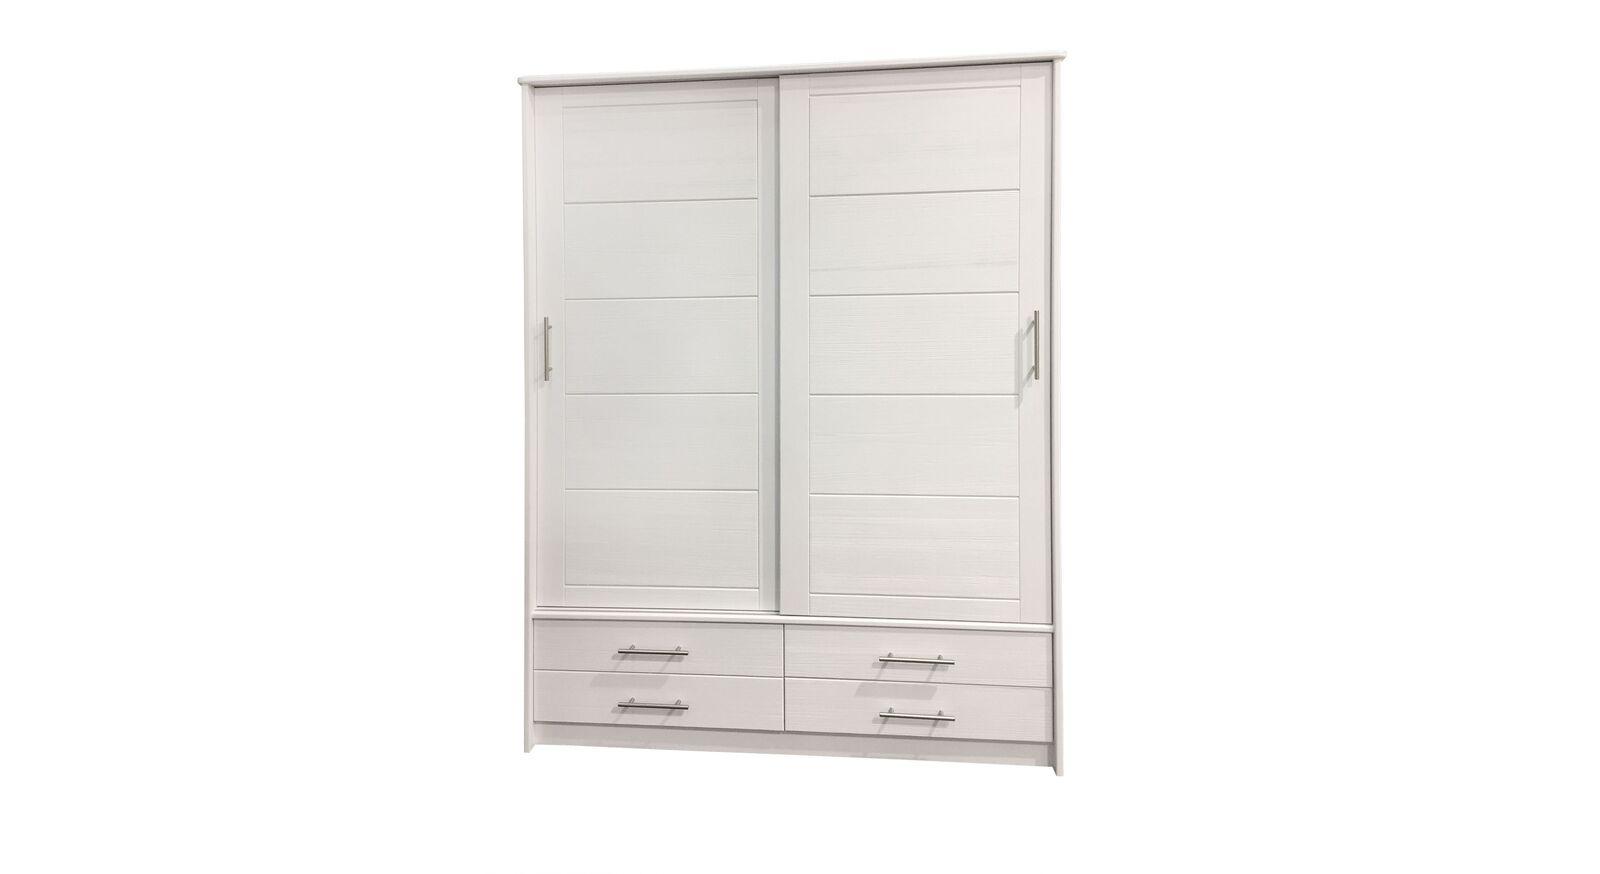 Schiebetüren-Kleiderschrank Ottena inklusive Innenausstattung